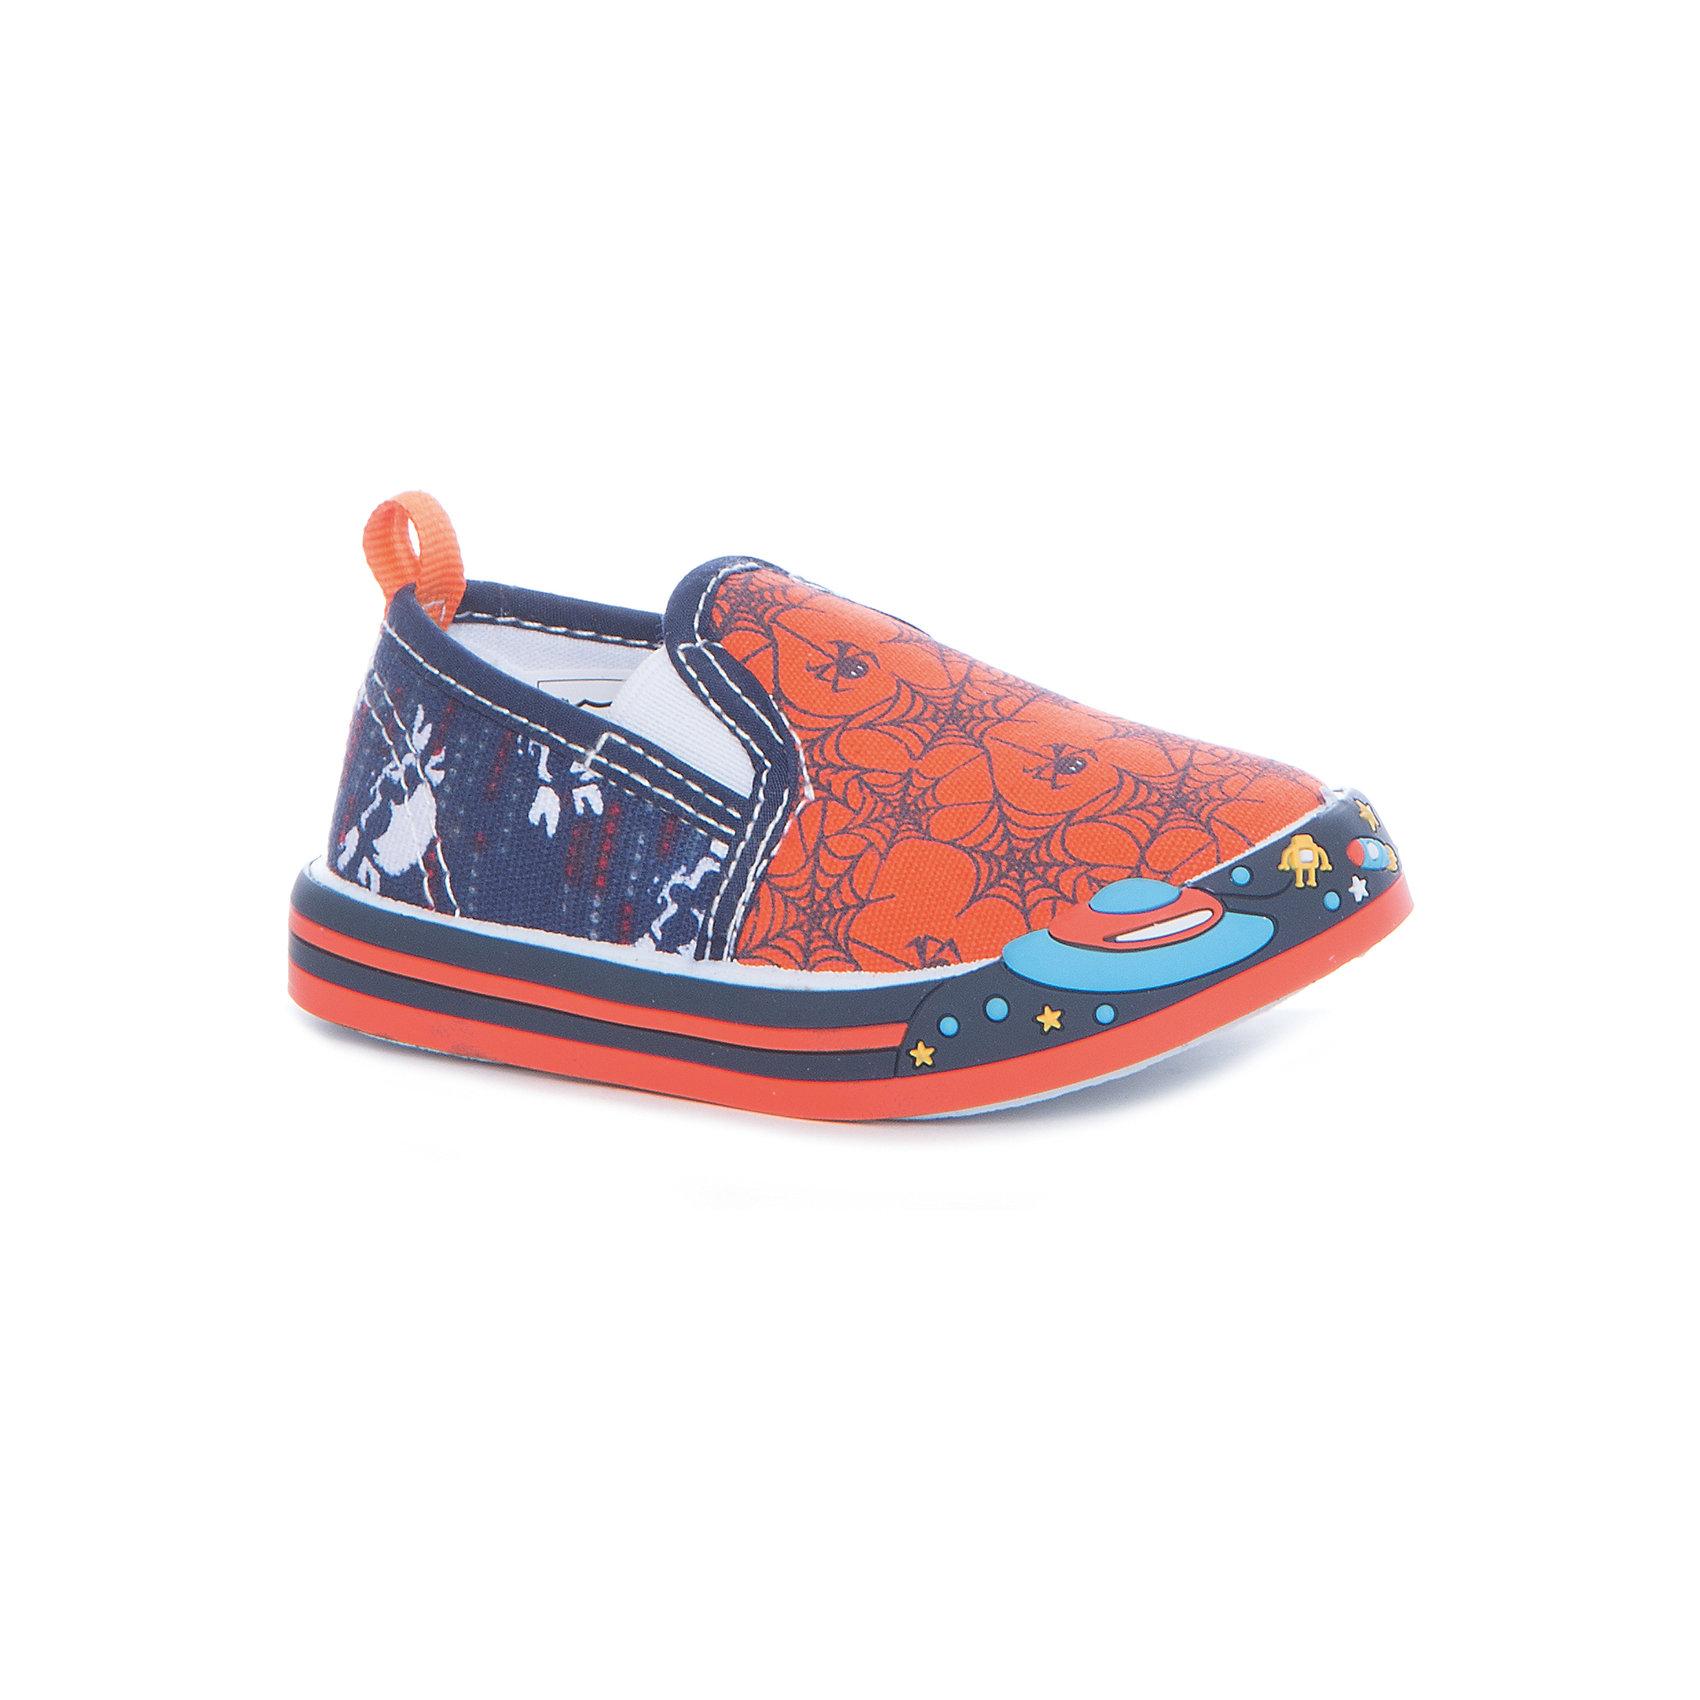 Слипоны для мальчика MURSUОбувь<br>Характеристики товара:<br><br>• цвет: оранжевый, синий<br>• внешний материал: текстиль, хлопок<br>• внутренний материал: текстиль, хлопок<br>• стелька: натуральная кожа<br>• подошва: ПВХ<br>• наличие супинатора<br>• анатомическая модель<br>• эластичные вставки для удобаства надевания<br>• тип застёжки: нет<br>• устойчивая подошва<br>• страна бренда: Финляндия<br>• страна изготовитель: Китай<br><br>Слипоны - новое веяние городской моды! Они будут популярны и в наступающем сезоне. Модные легкие слипоны помогут обеспечить ребенку комфорт и дополнить наряд. Слипоны удобно сидят на ноге и красиво смотрятся. Отличный вариант для теплой погоды!<br><br>Слипоны от финского бренда MURSU (МУРСУ) можно купить в нашем интернет-магазине.<br><br>Ширина мм: 250<br>Глубина мм: 150<br>Высота мм: 150<br>Вес г: 250<br>Цвет: разноцветный<br>Возраст от месяцев: 12<br>Возраст до месяцев: 15<br>Пол: Мужской<br>Возраст: Детский<br>Размер: 21,22,23,24,25,20<br>SKU: 5325681